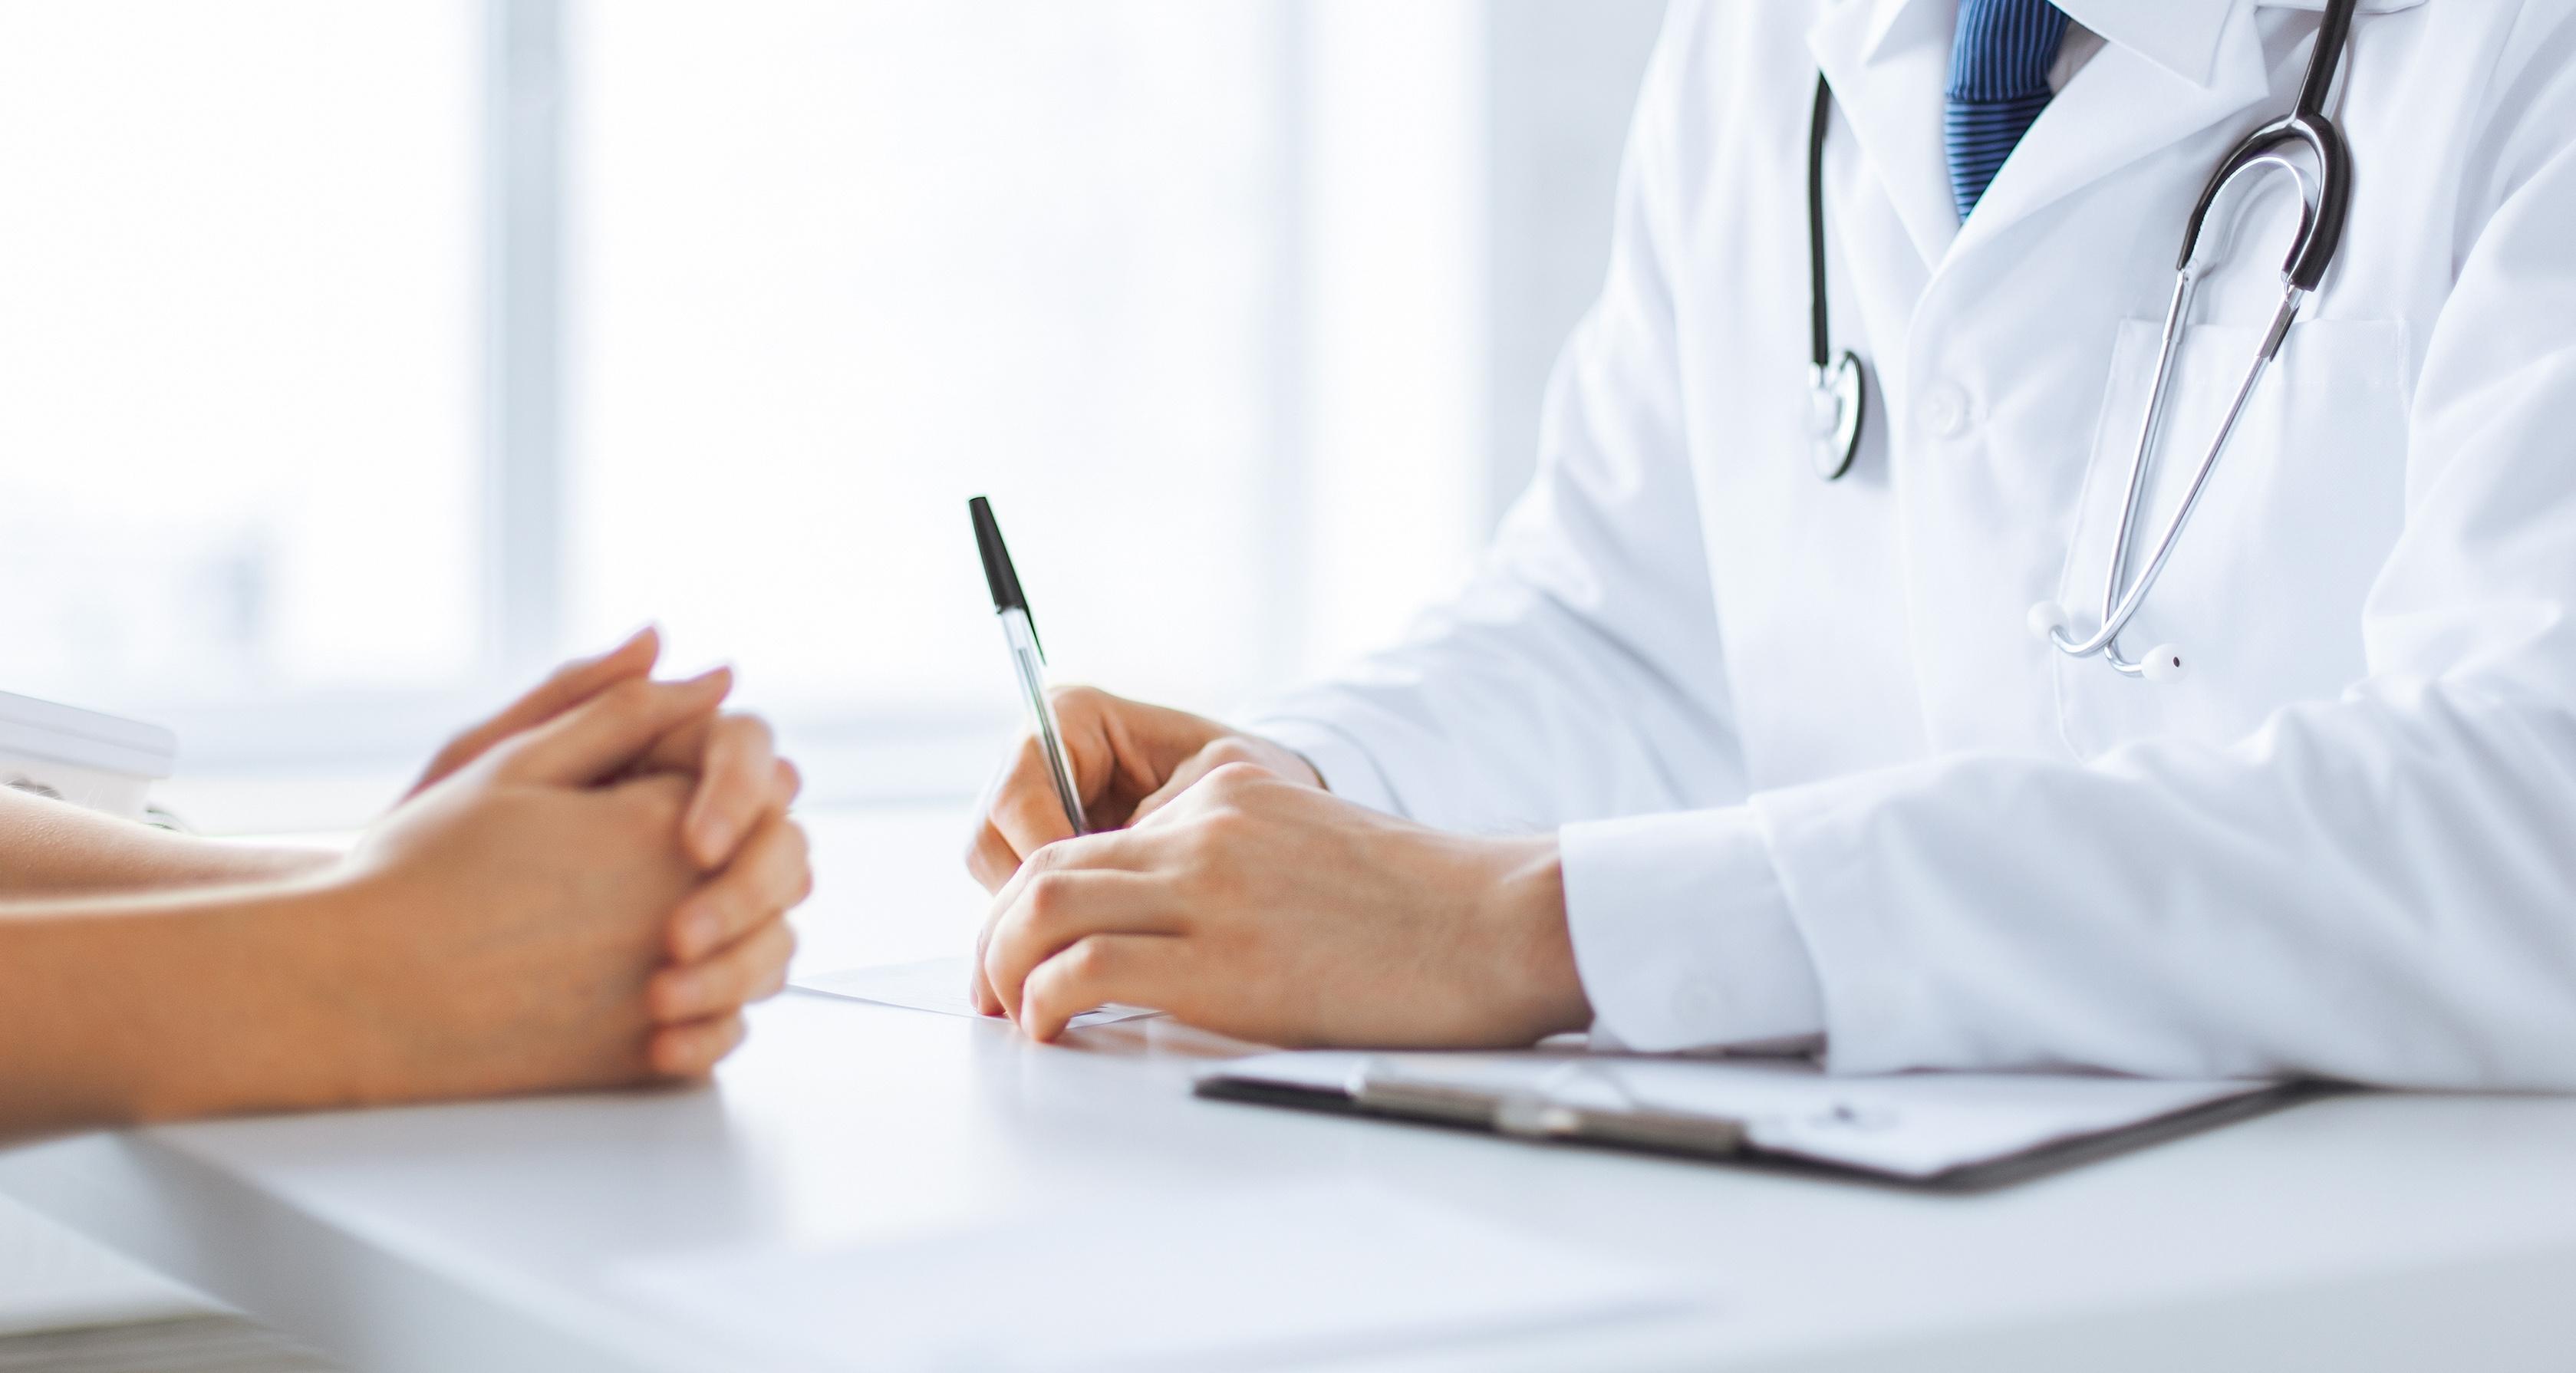 W kadrze widzimy ręce kobiety na biurku lekarskim, naprzeciwko lekarz.